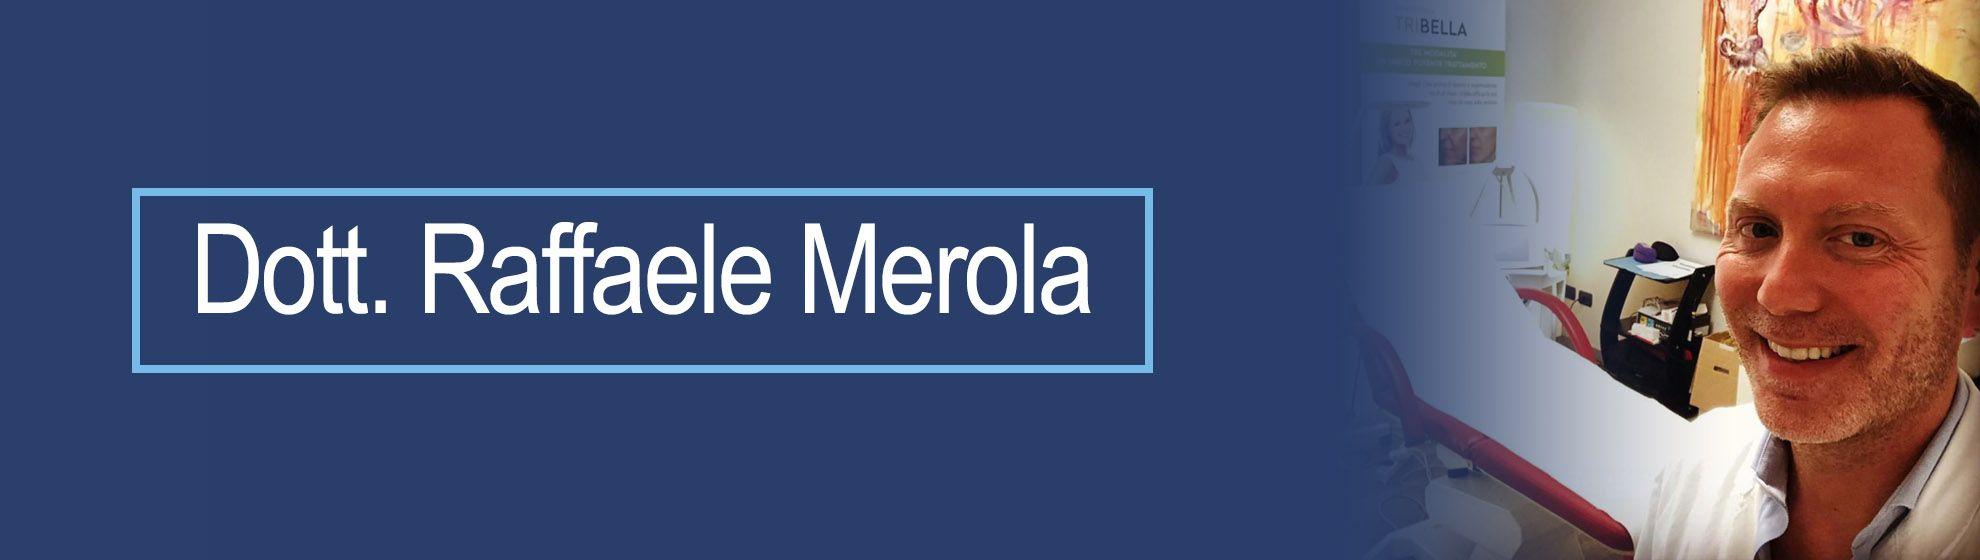 Dott. Raffaele Merola